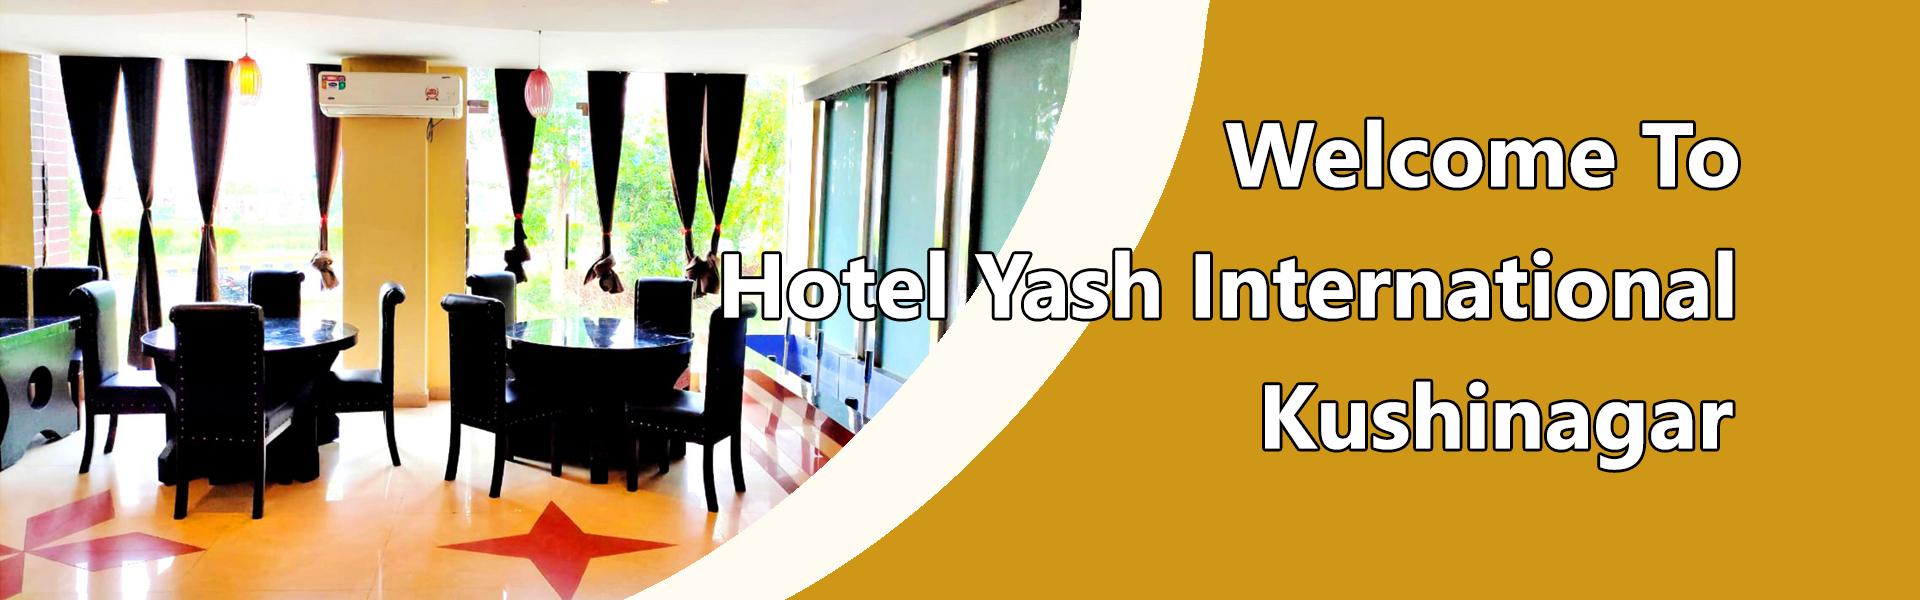 Welcome To Hotel Yash International Kushinagar